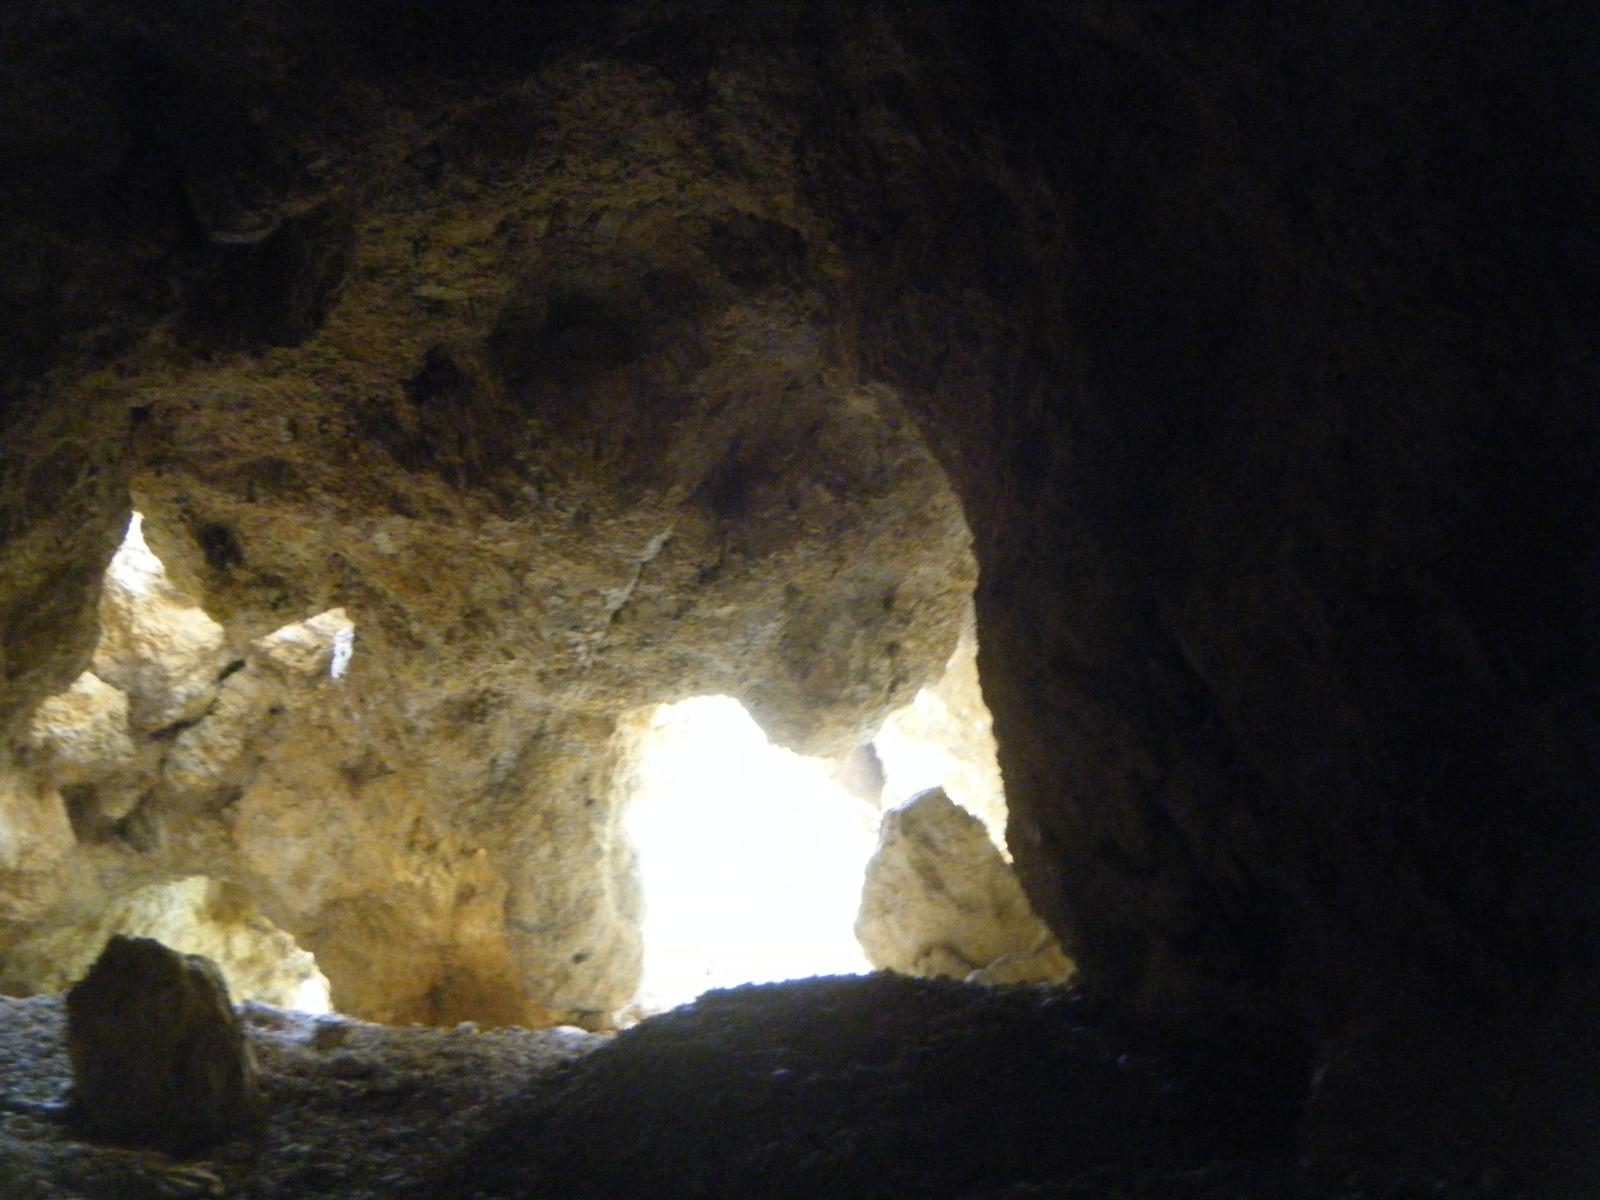 Minas Barranco San Antonio Abad, El Pinar, Bédar, Almeria, Andalucia, España 8vnrci